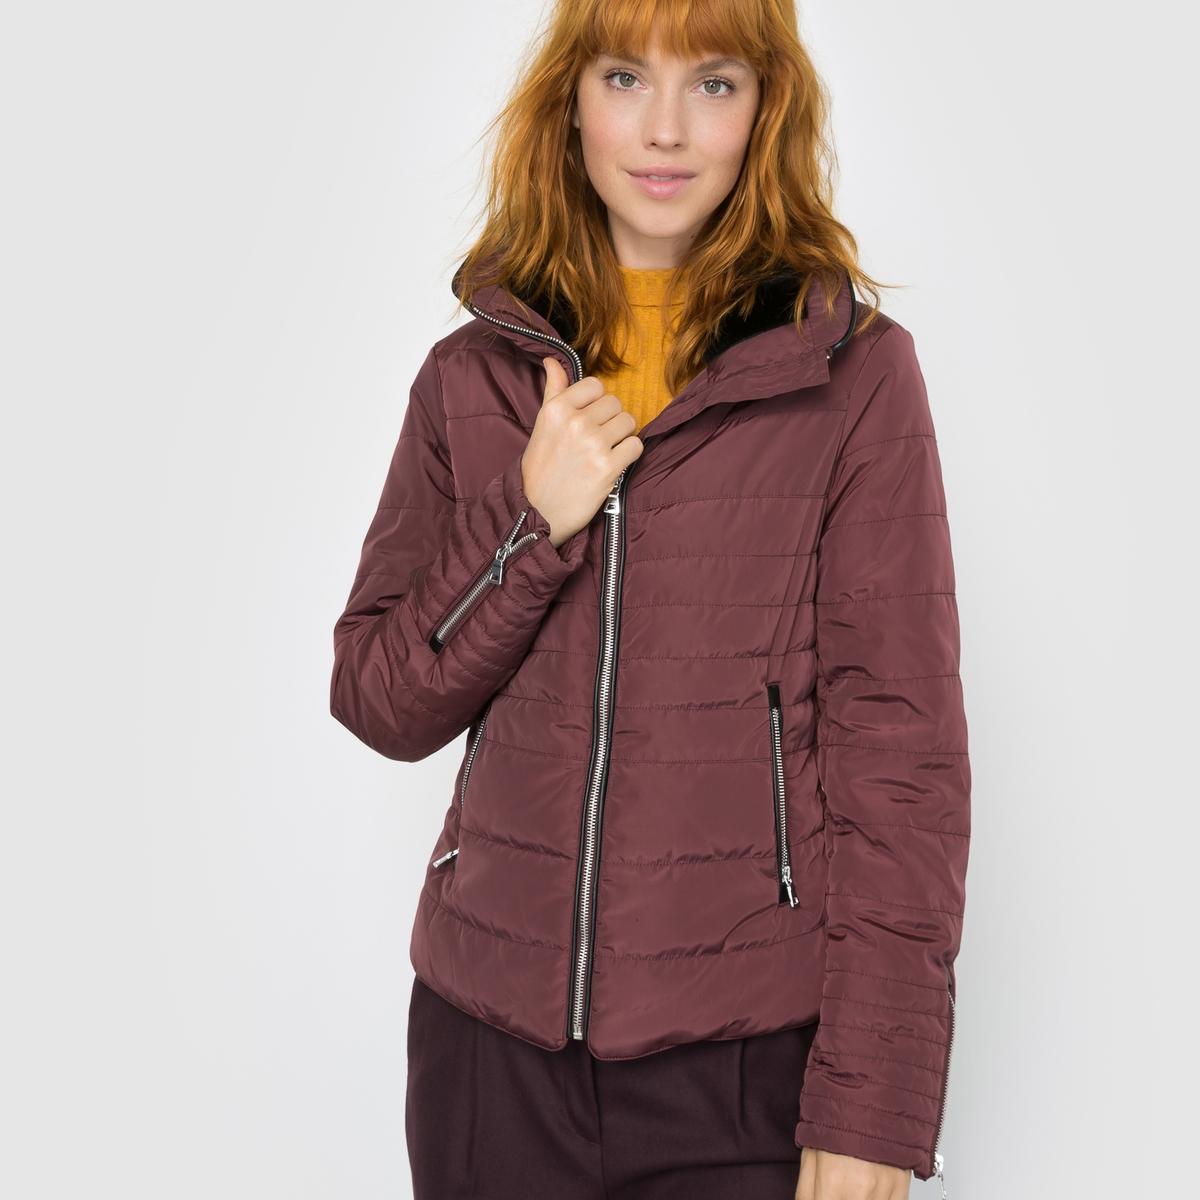 Куртка стеганая Lulu Short JacketСтеганая куртка Lulu Short Jacket. Длинные рукава. Высокий воротник на фланелевой подкладке. Застежка на молнию. 2 кармана на молнии спереди. Молнии внизу рукавов.Состав и описаниеМатериал : 100% полиэстерМарка : Vero ModaМодель : Lulu Short JacketУходСледуйте советам по уходу, указанным на этикетке изделия.<br><br>Цвет: бордовый<br>Размер: XS